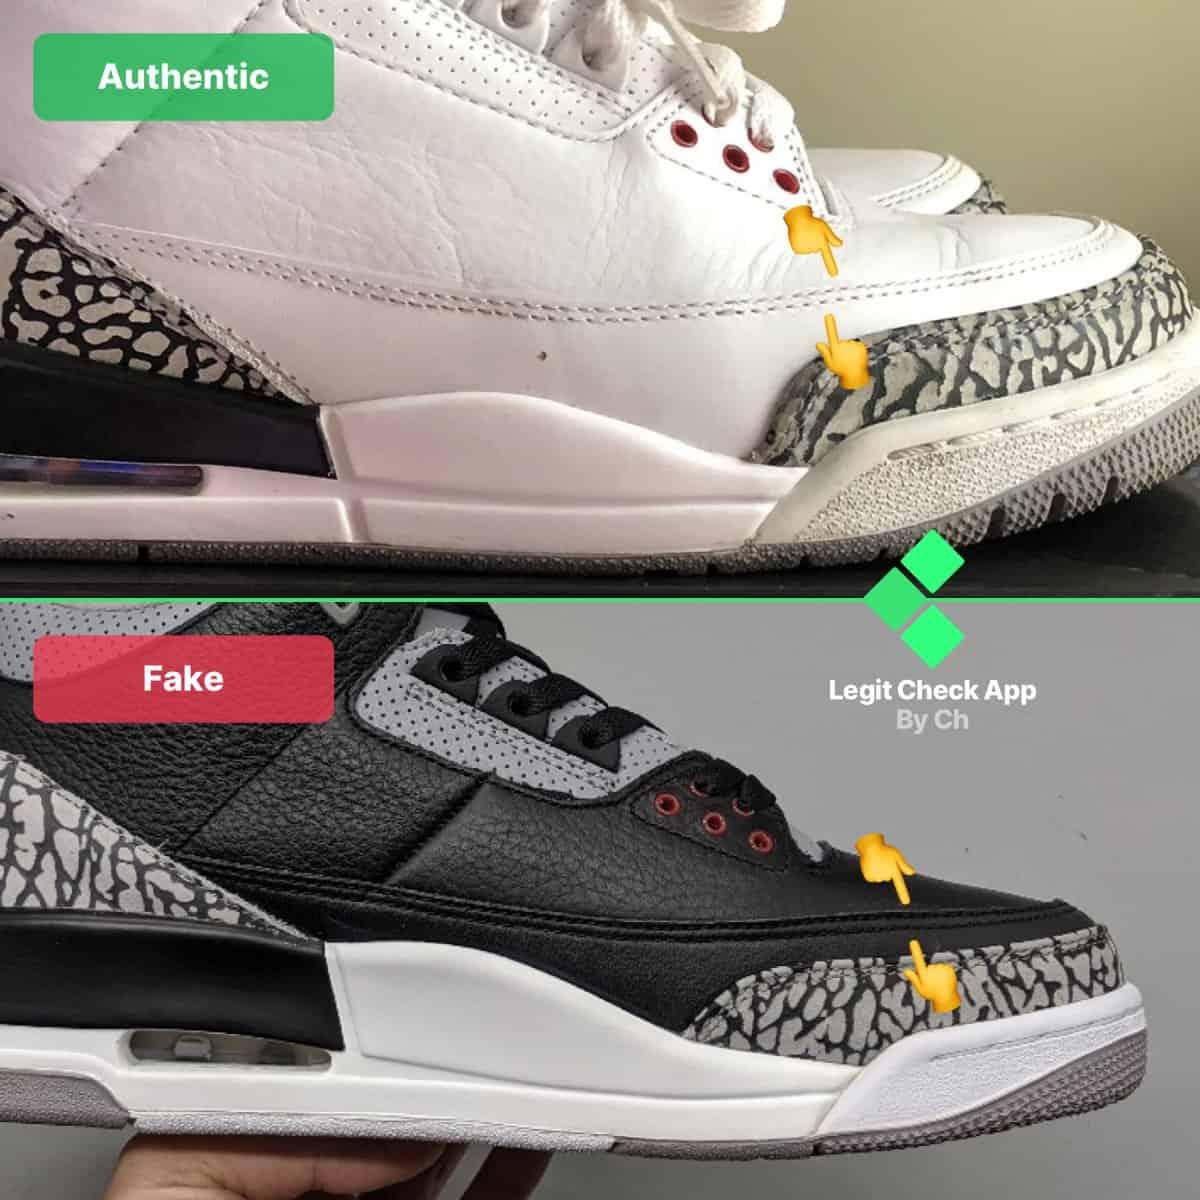 Fake Vs Real Air Jordan 3 - Universal